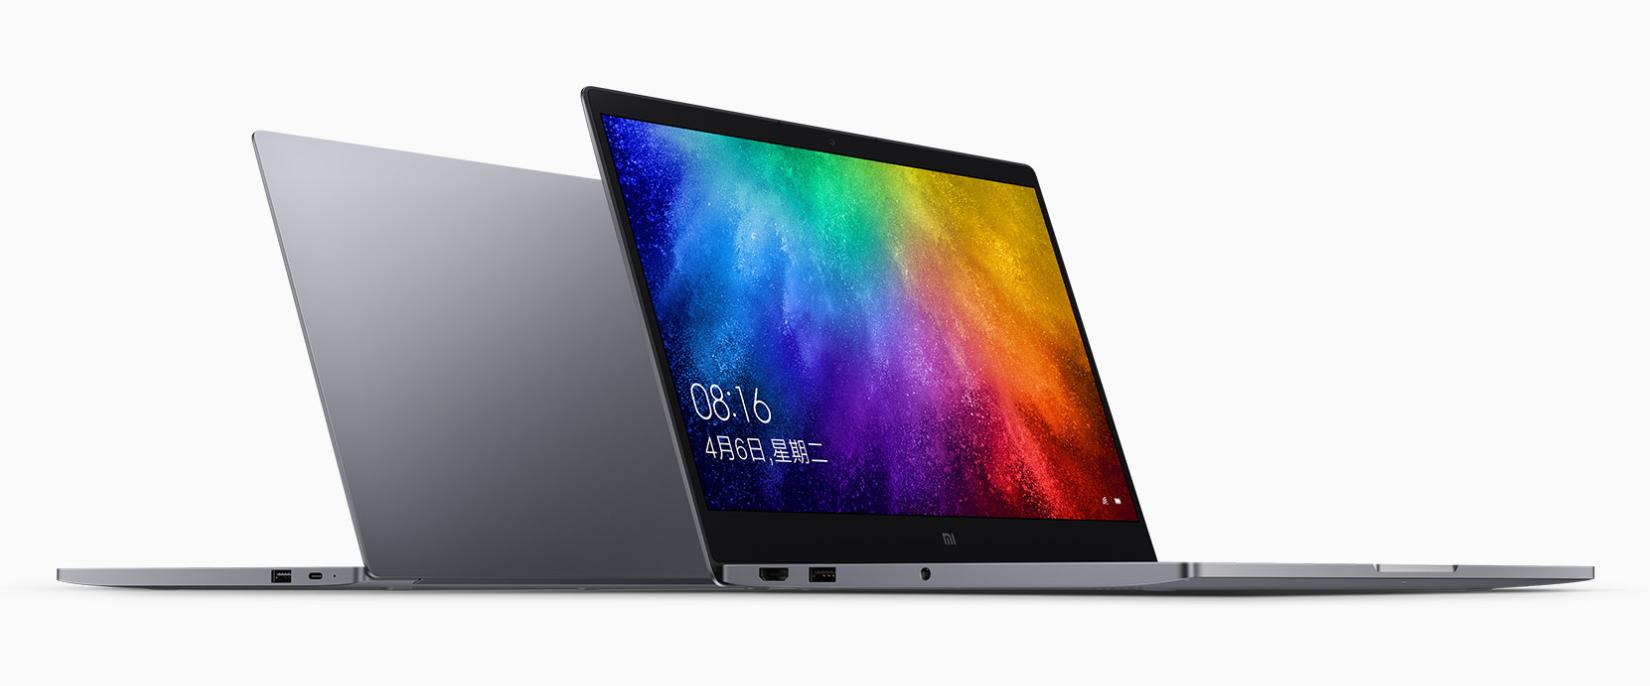 Xiaomi Mi Notebook Air 13.3 i5-8250U 8/256 GB - GearBest